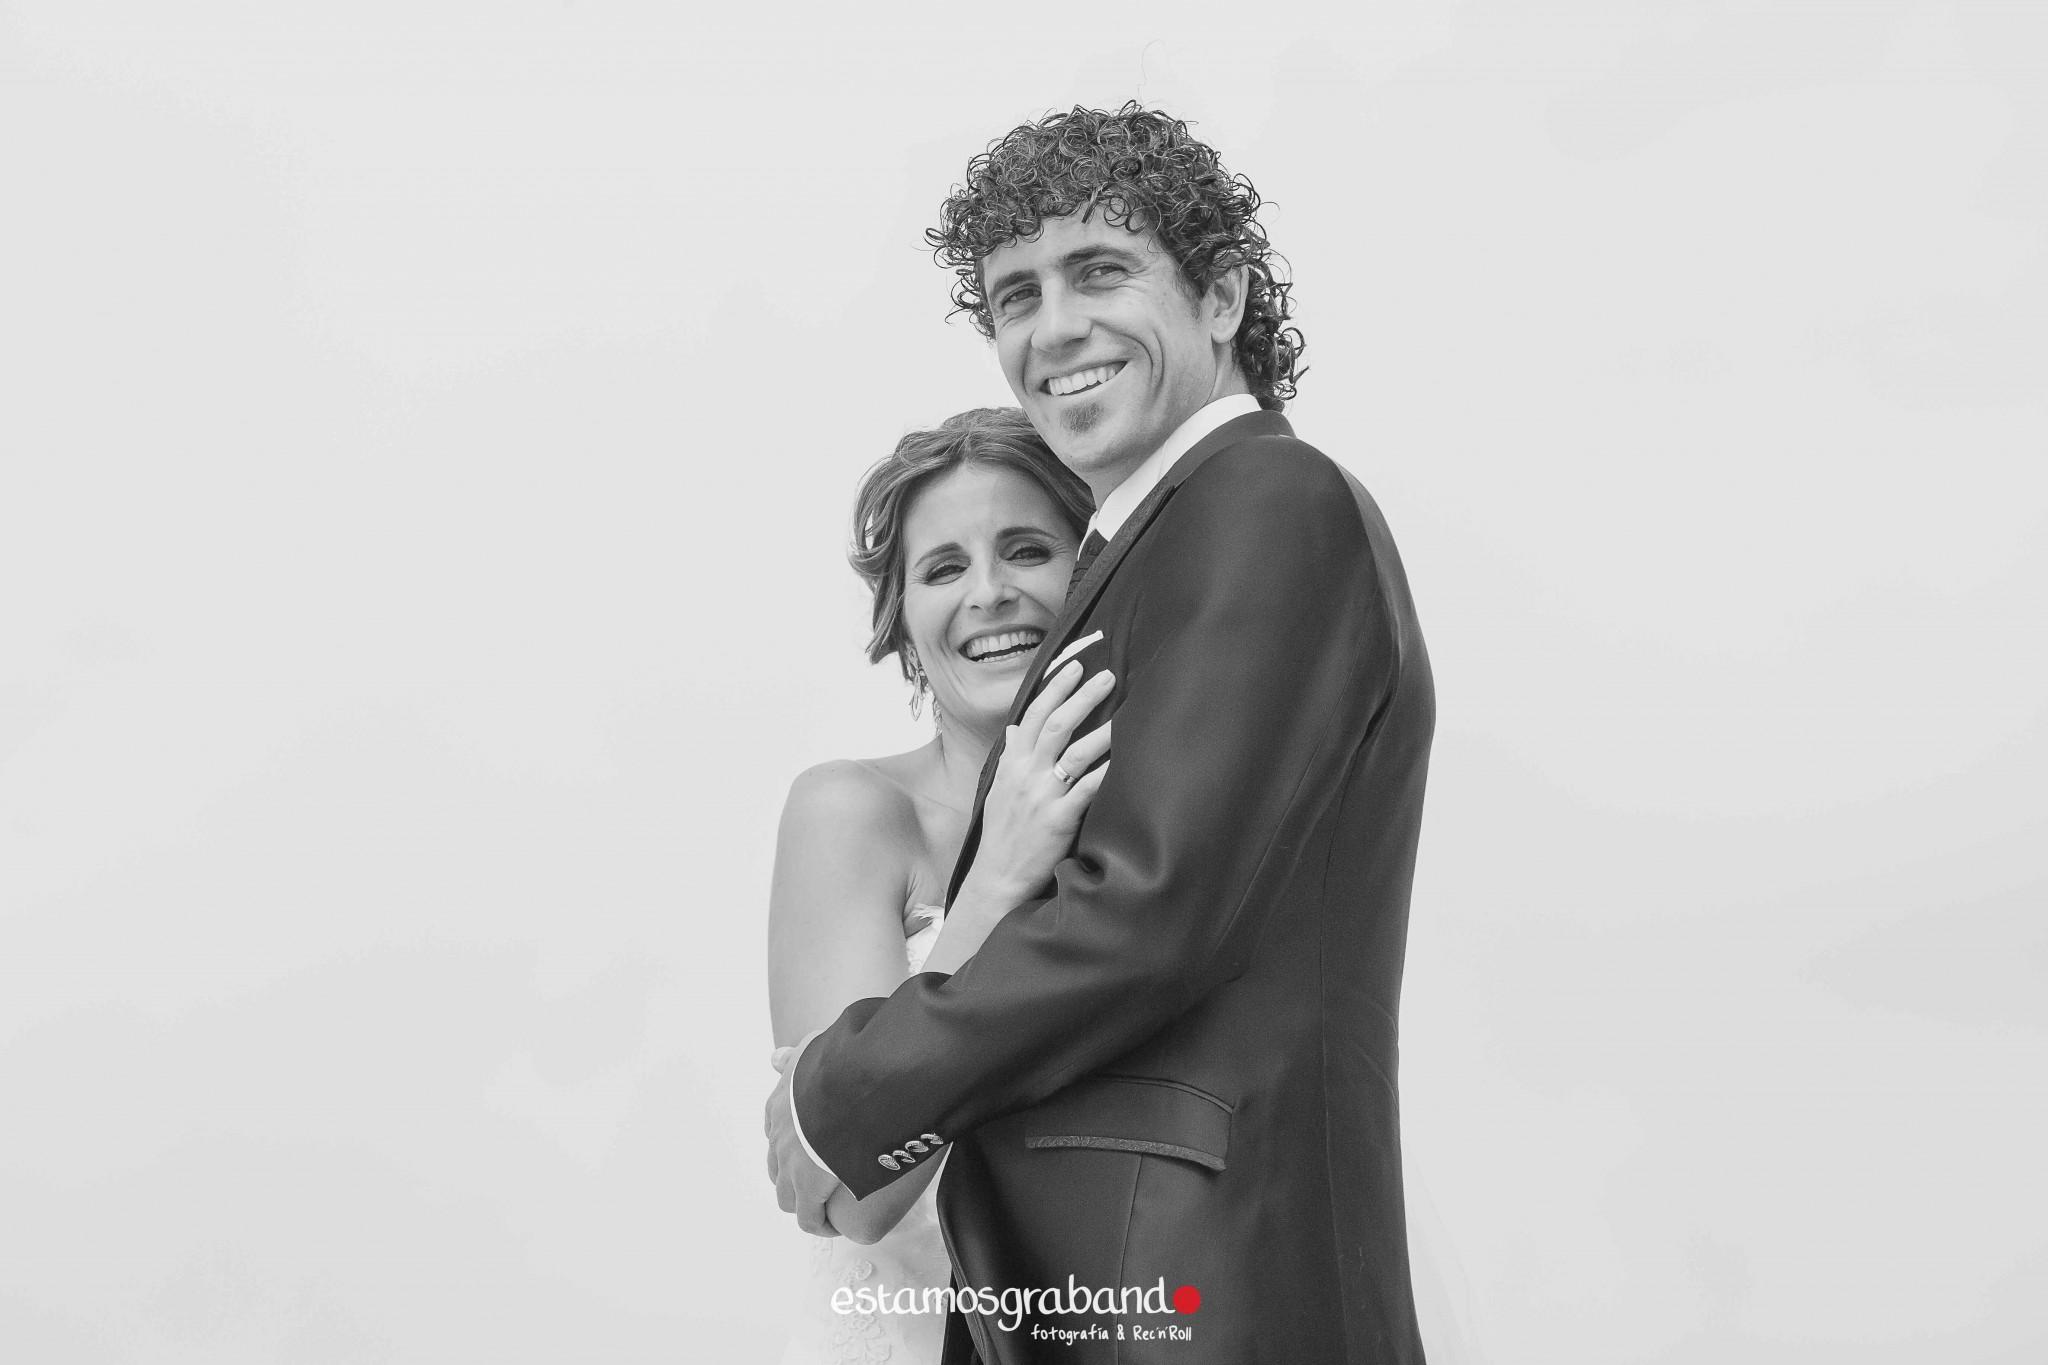 fotografia-de-boda_boda-en-cadiz_reportaje-de-fotos_boda-miriam-y-jesus-18 Emotions made in Cádiz [Fotografía de bodas en Cádiz] - video boda cadiz